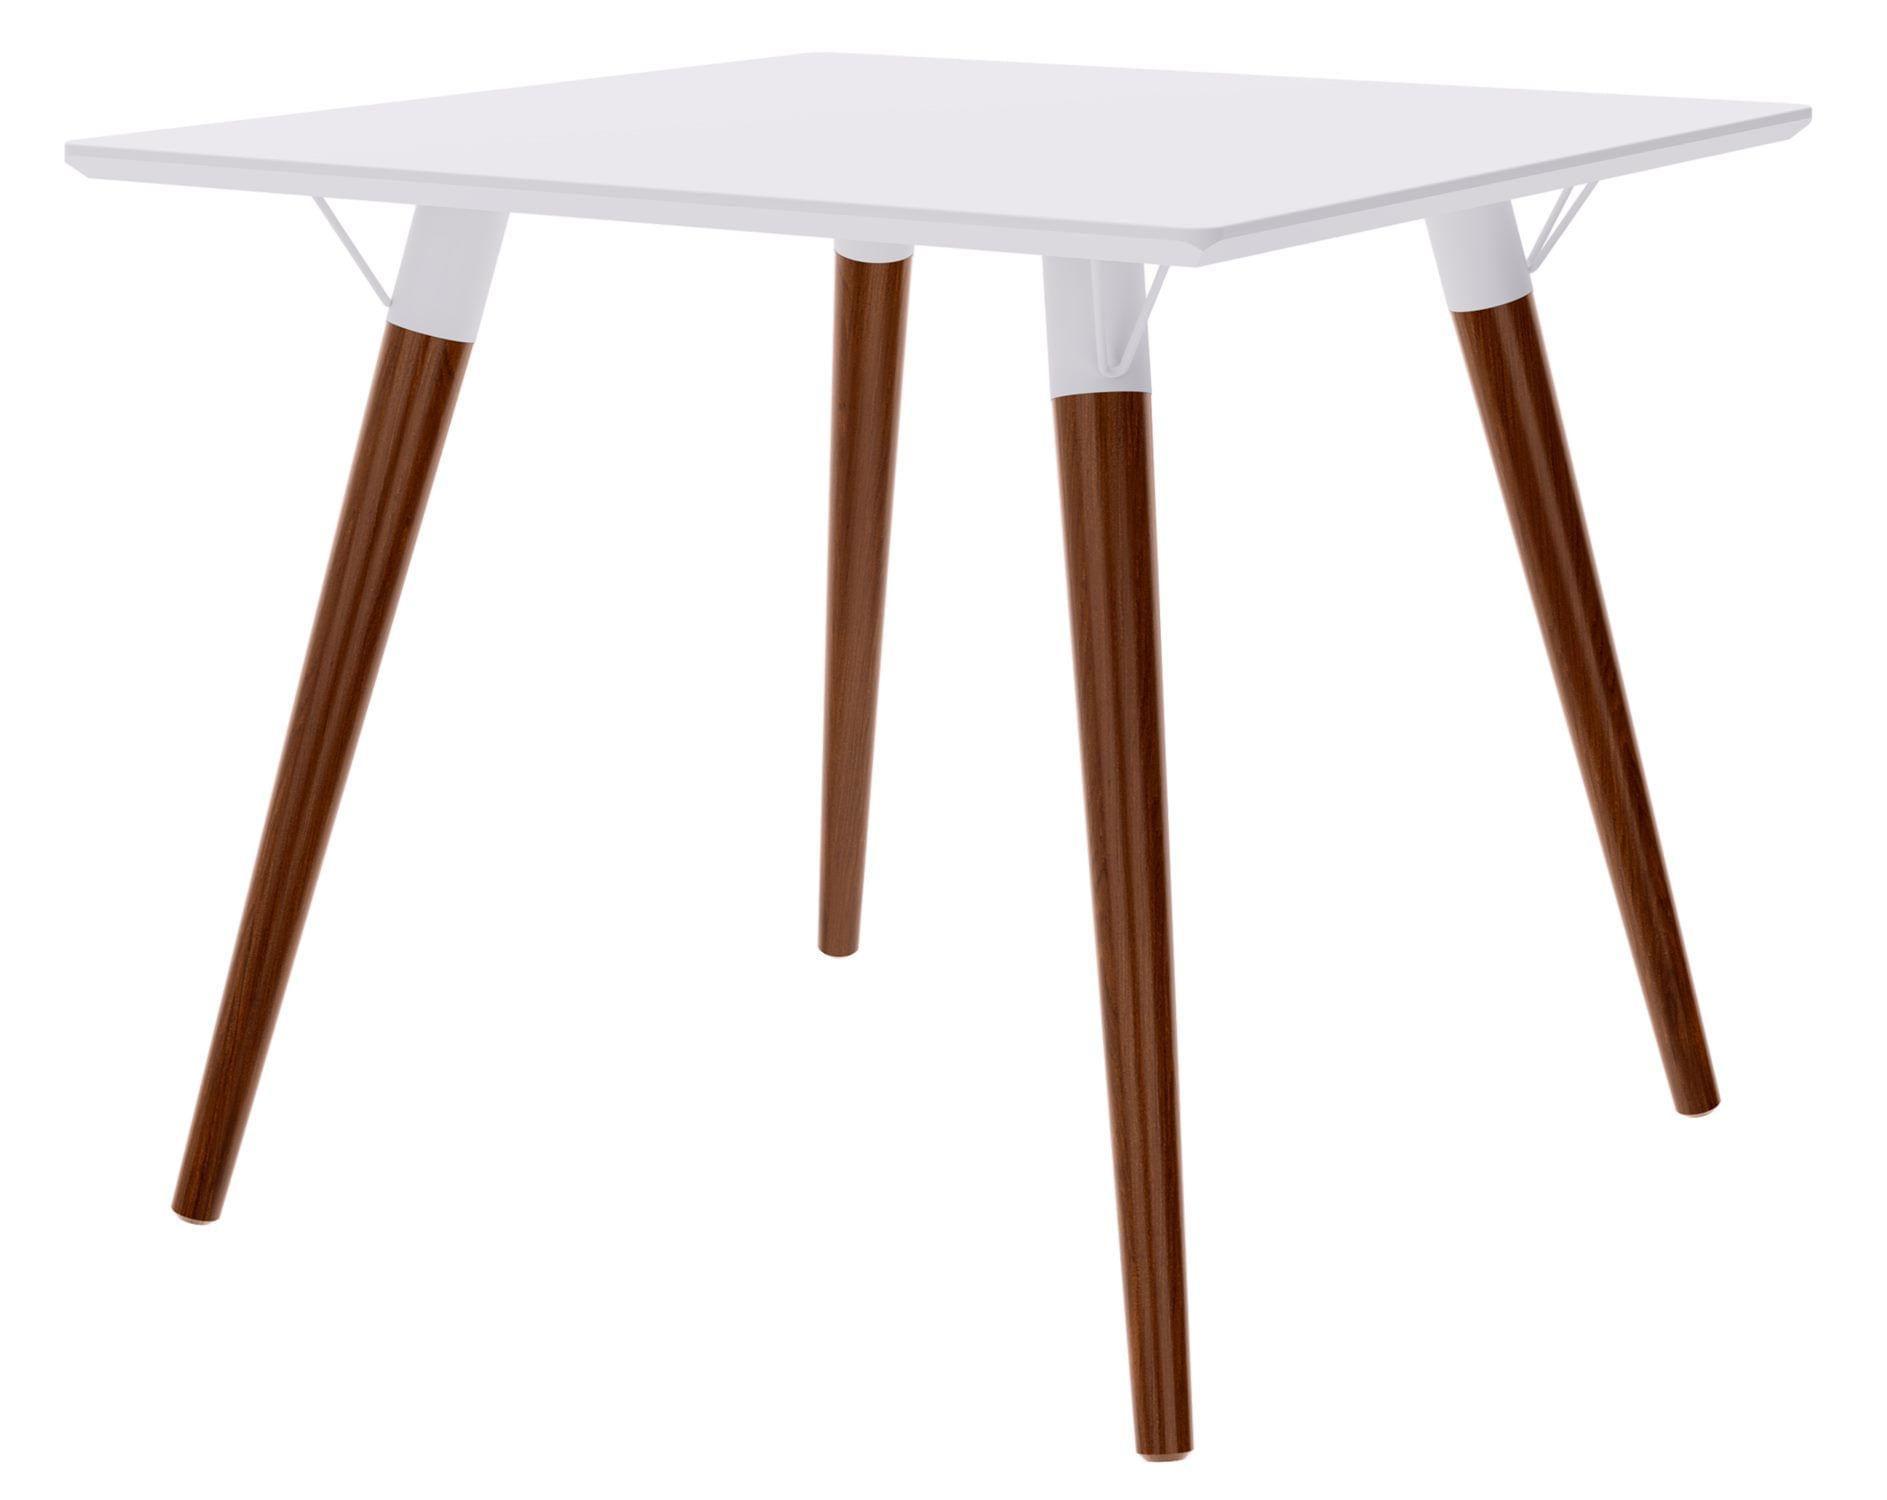 Mesa Jantar Quadrada Formato Tampo Branco Fosco com Pes Escuros 90 cm - 47965